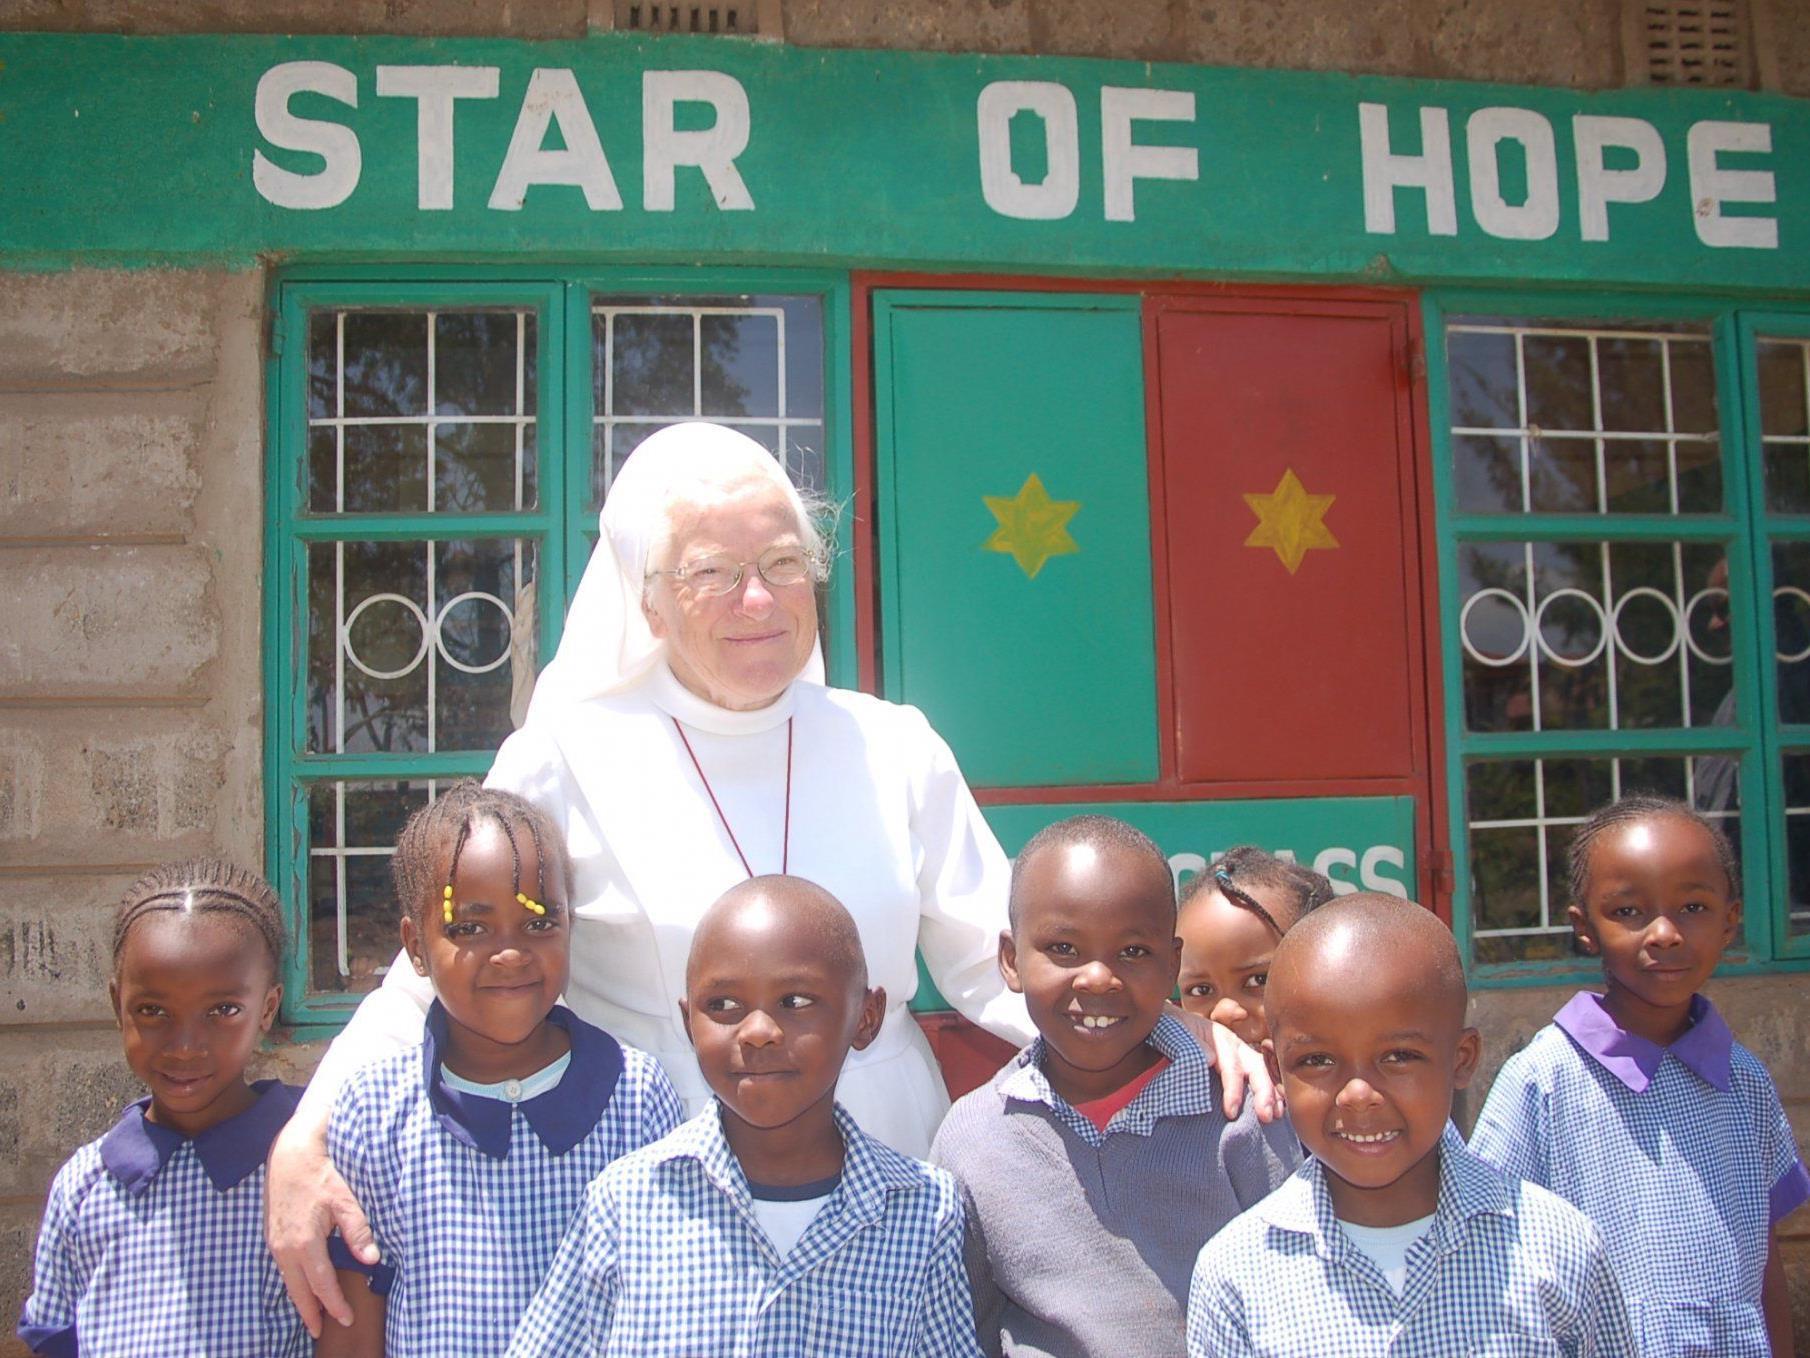 Schwester Pacis hat es sich zum Lebensinhalt gemacht, armen Menschen in den Entwicklungsländern zu helfen